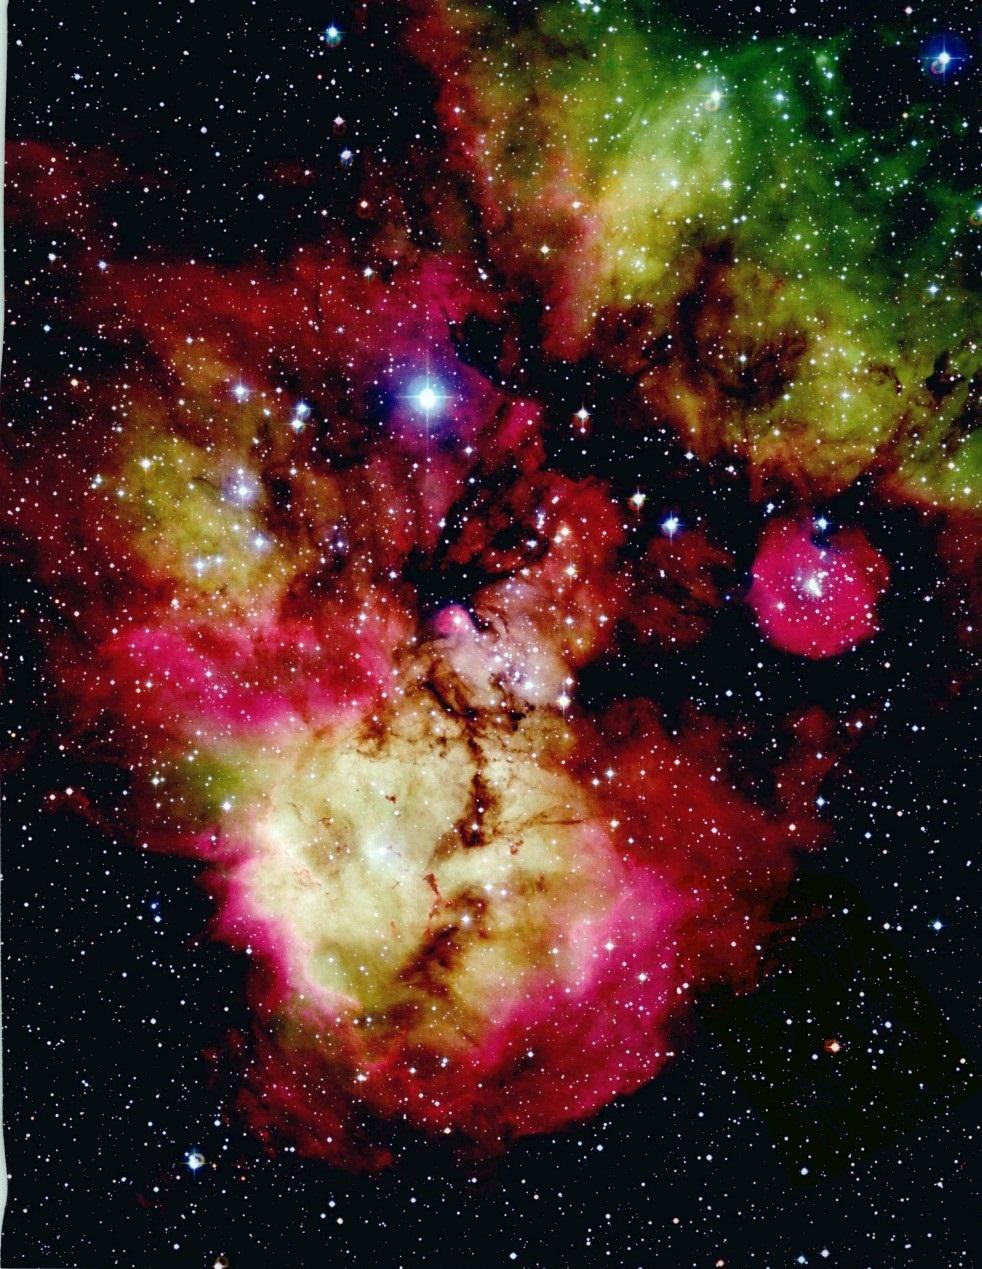 大爆炸:宇宙通史 - ltzzx110的日志 - 网易博客